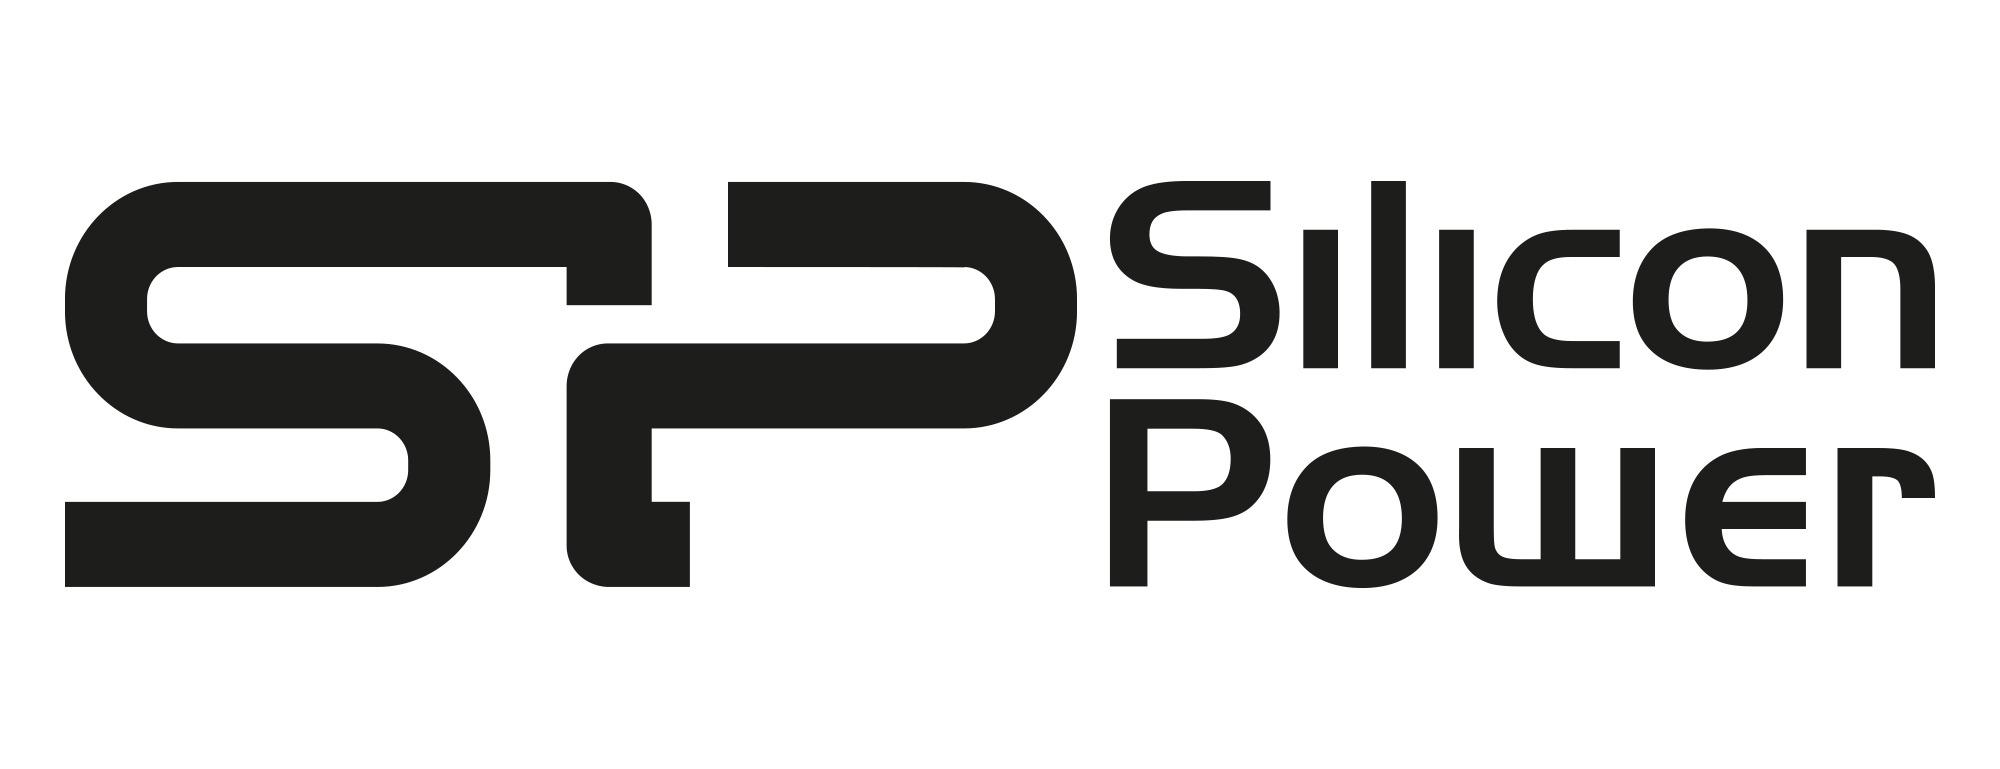 SILICON_POWER-logo-2018-11-23-17-16-45-2